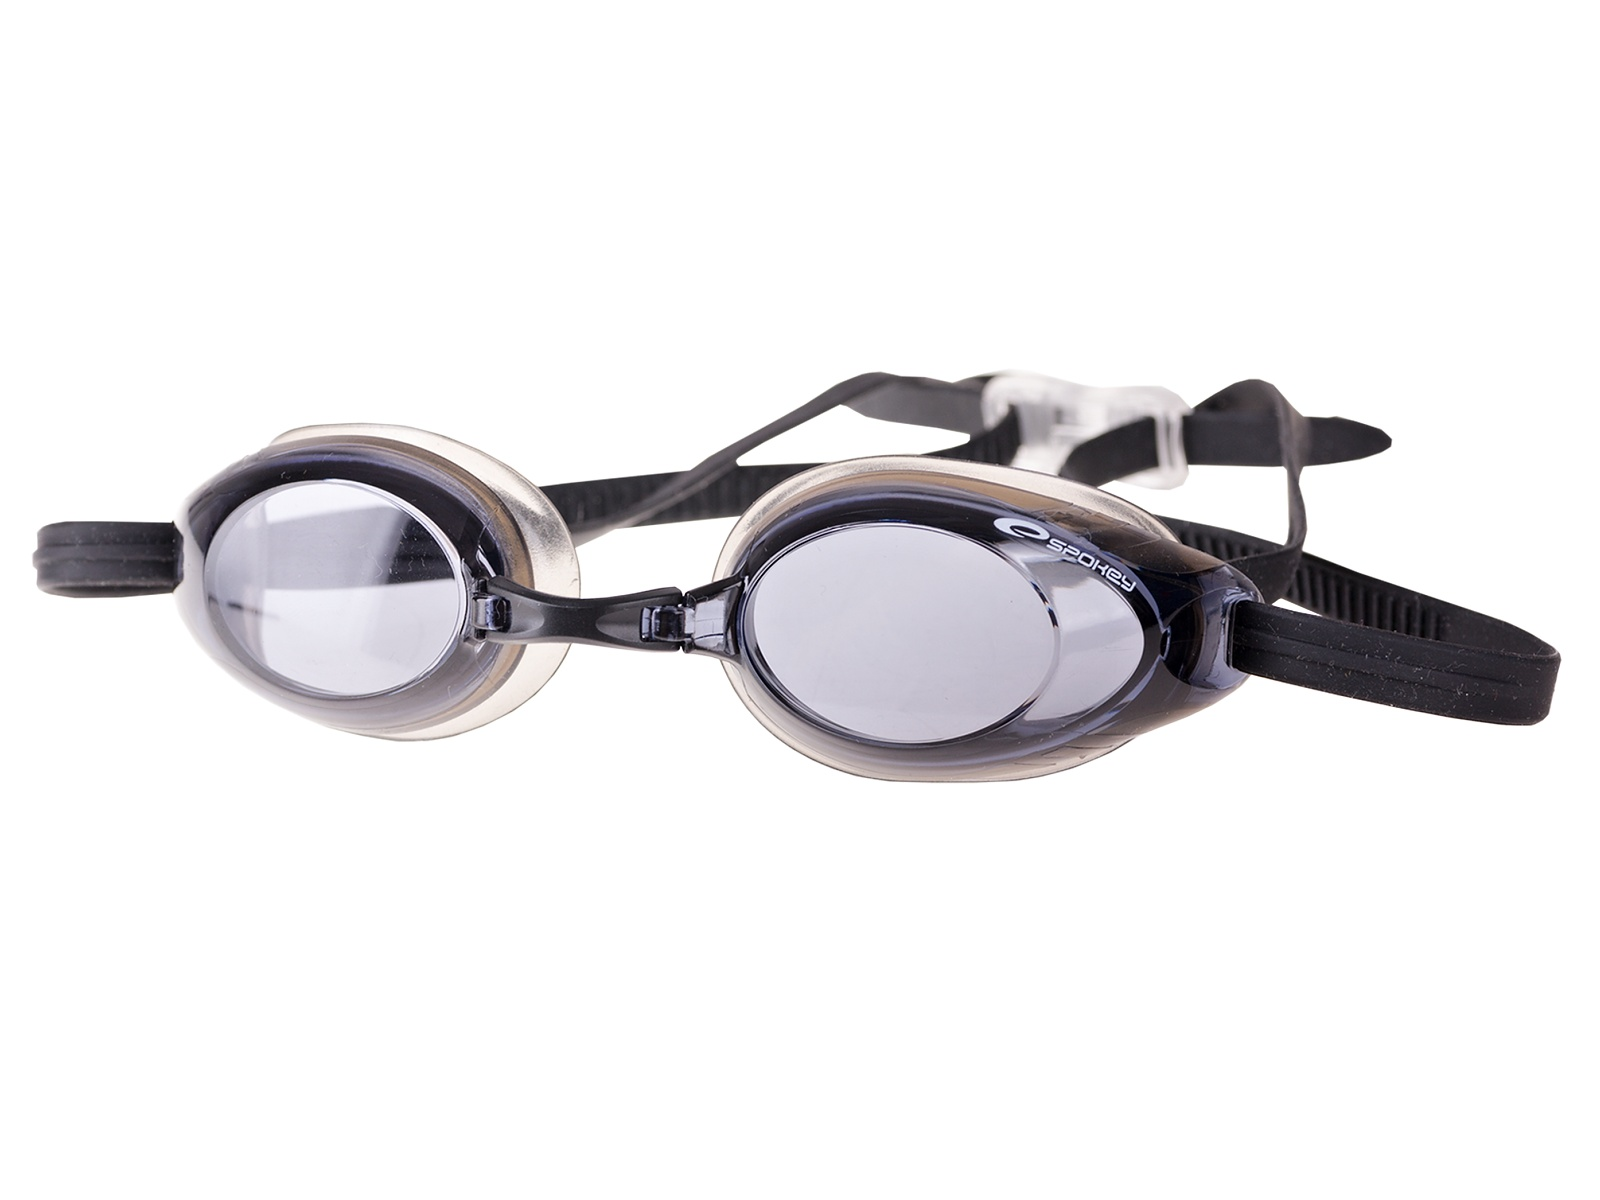 Plavecké brýle SPOKEY Protrainer CL - černé